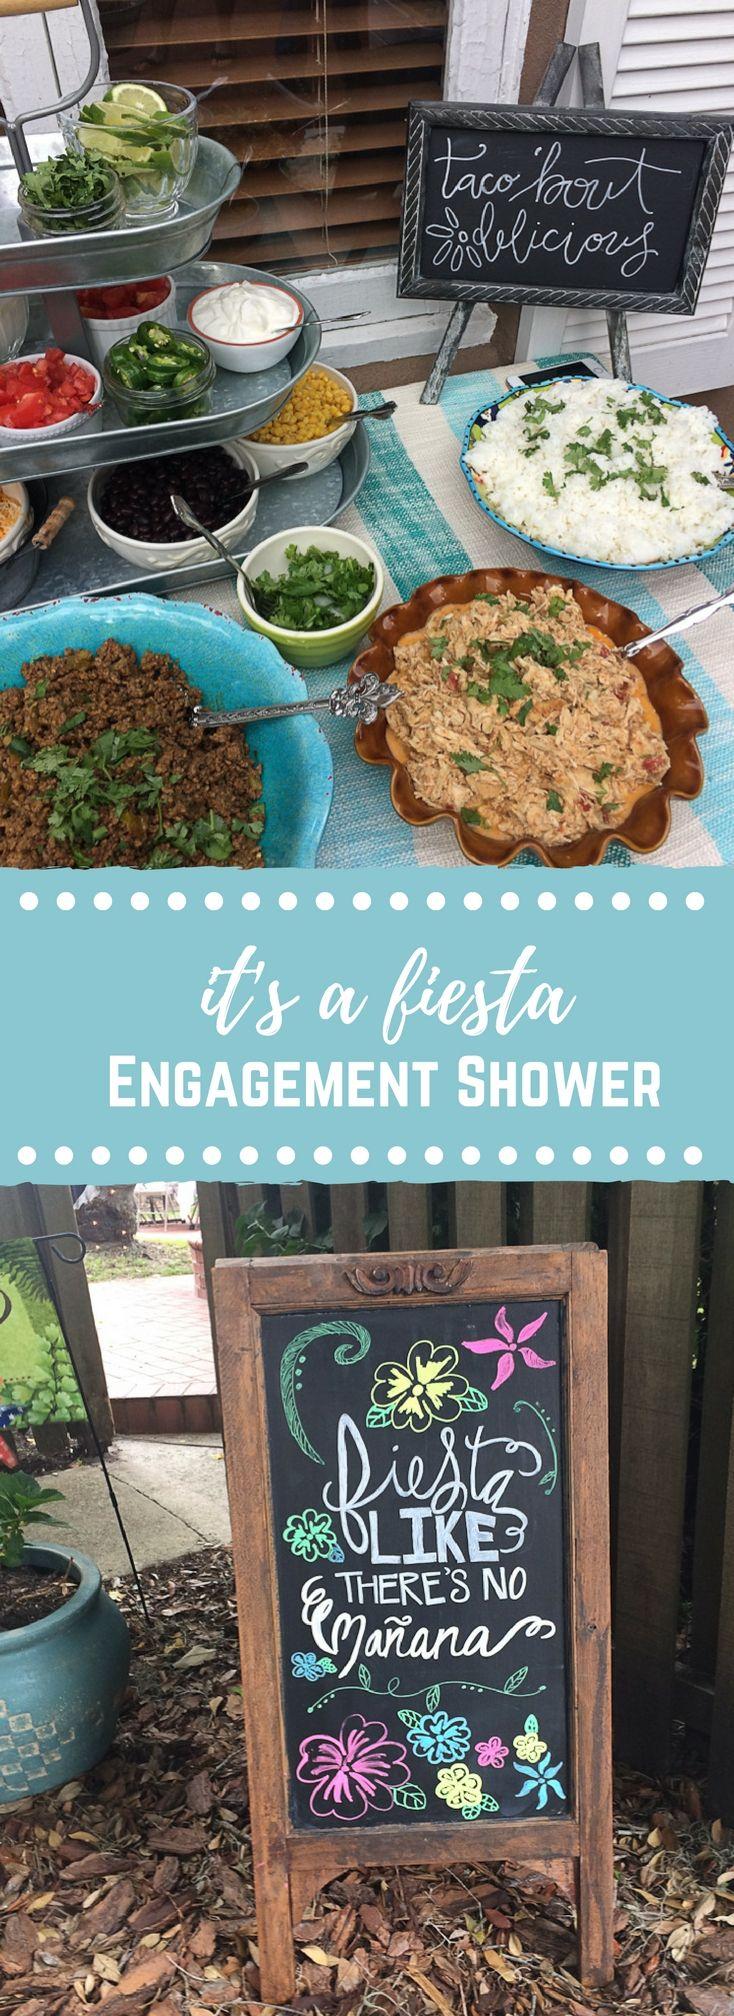 Fiesta Engagement Shower http://www.loveandzest.com/2016/08/fiesta-engagement-shower-couples-theme.html